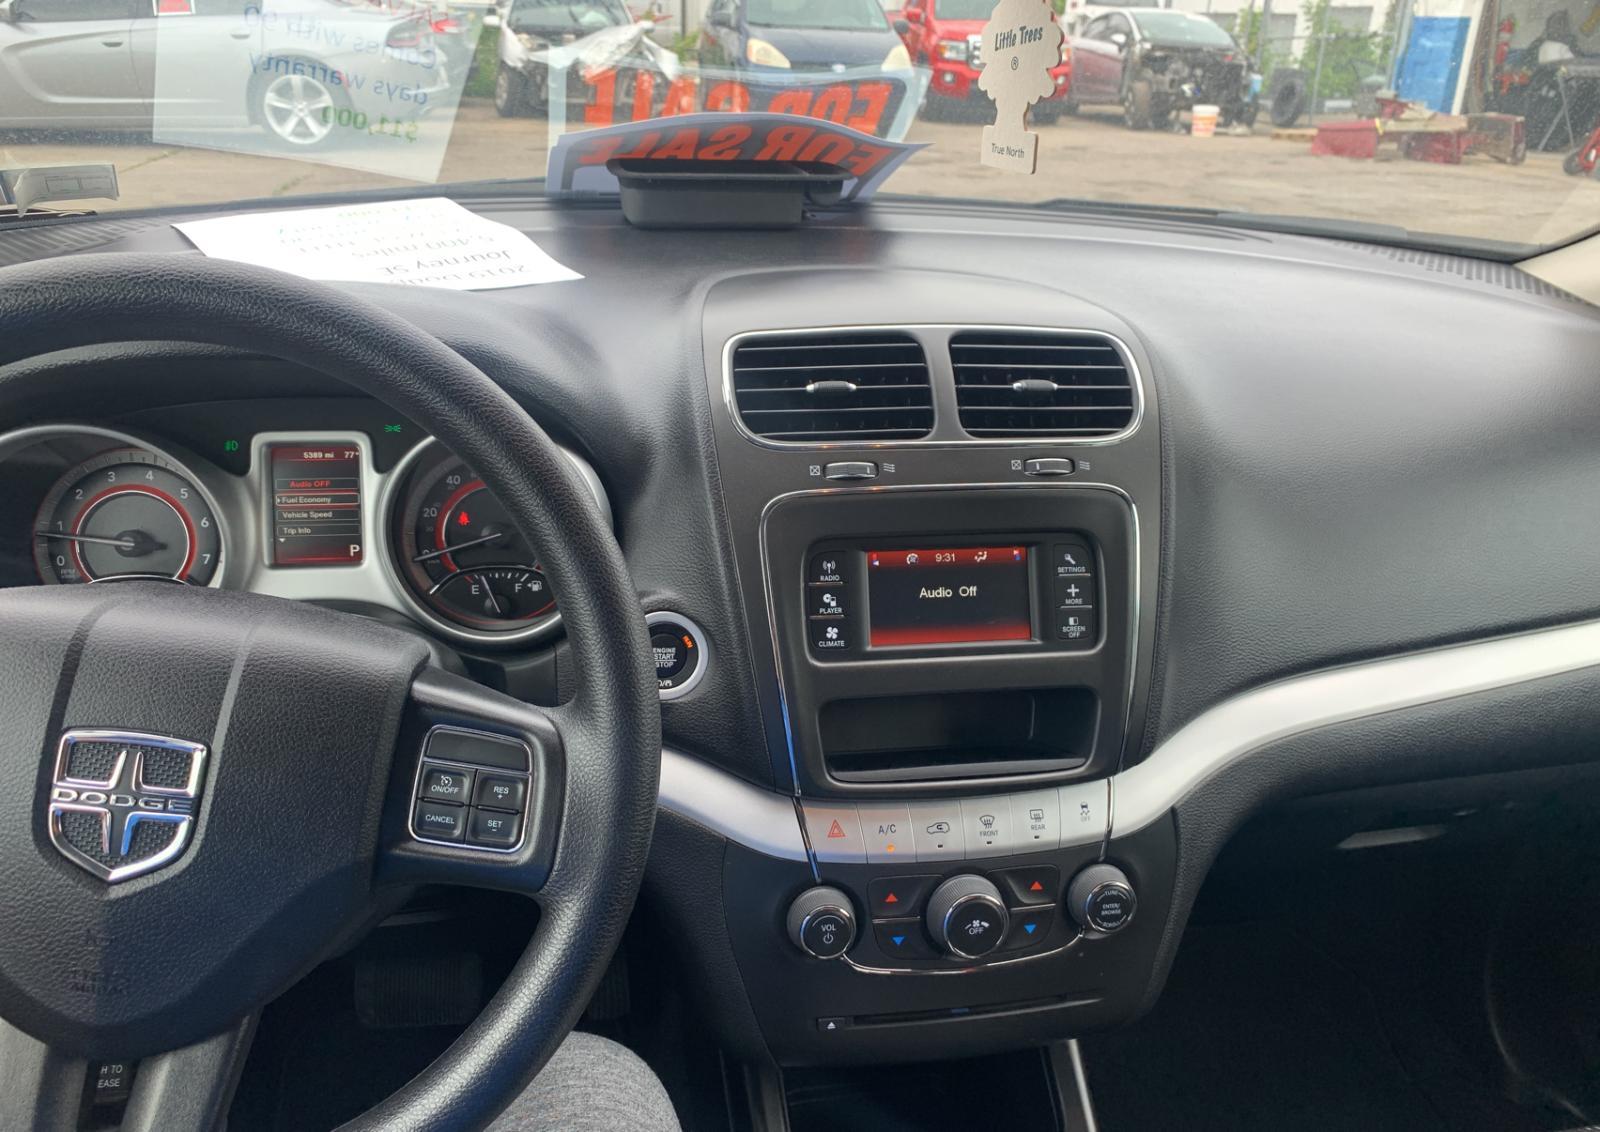 3C4PDCBG1KT804795 - 2019 Dodge Journey Se 3.6L engine view